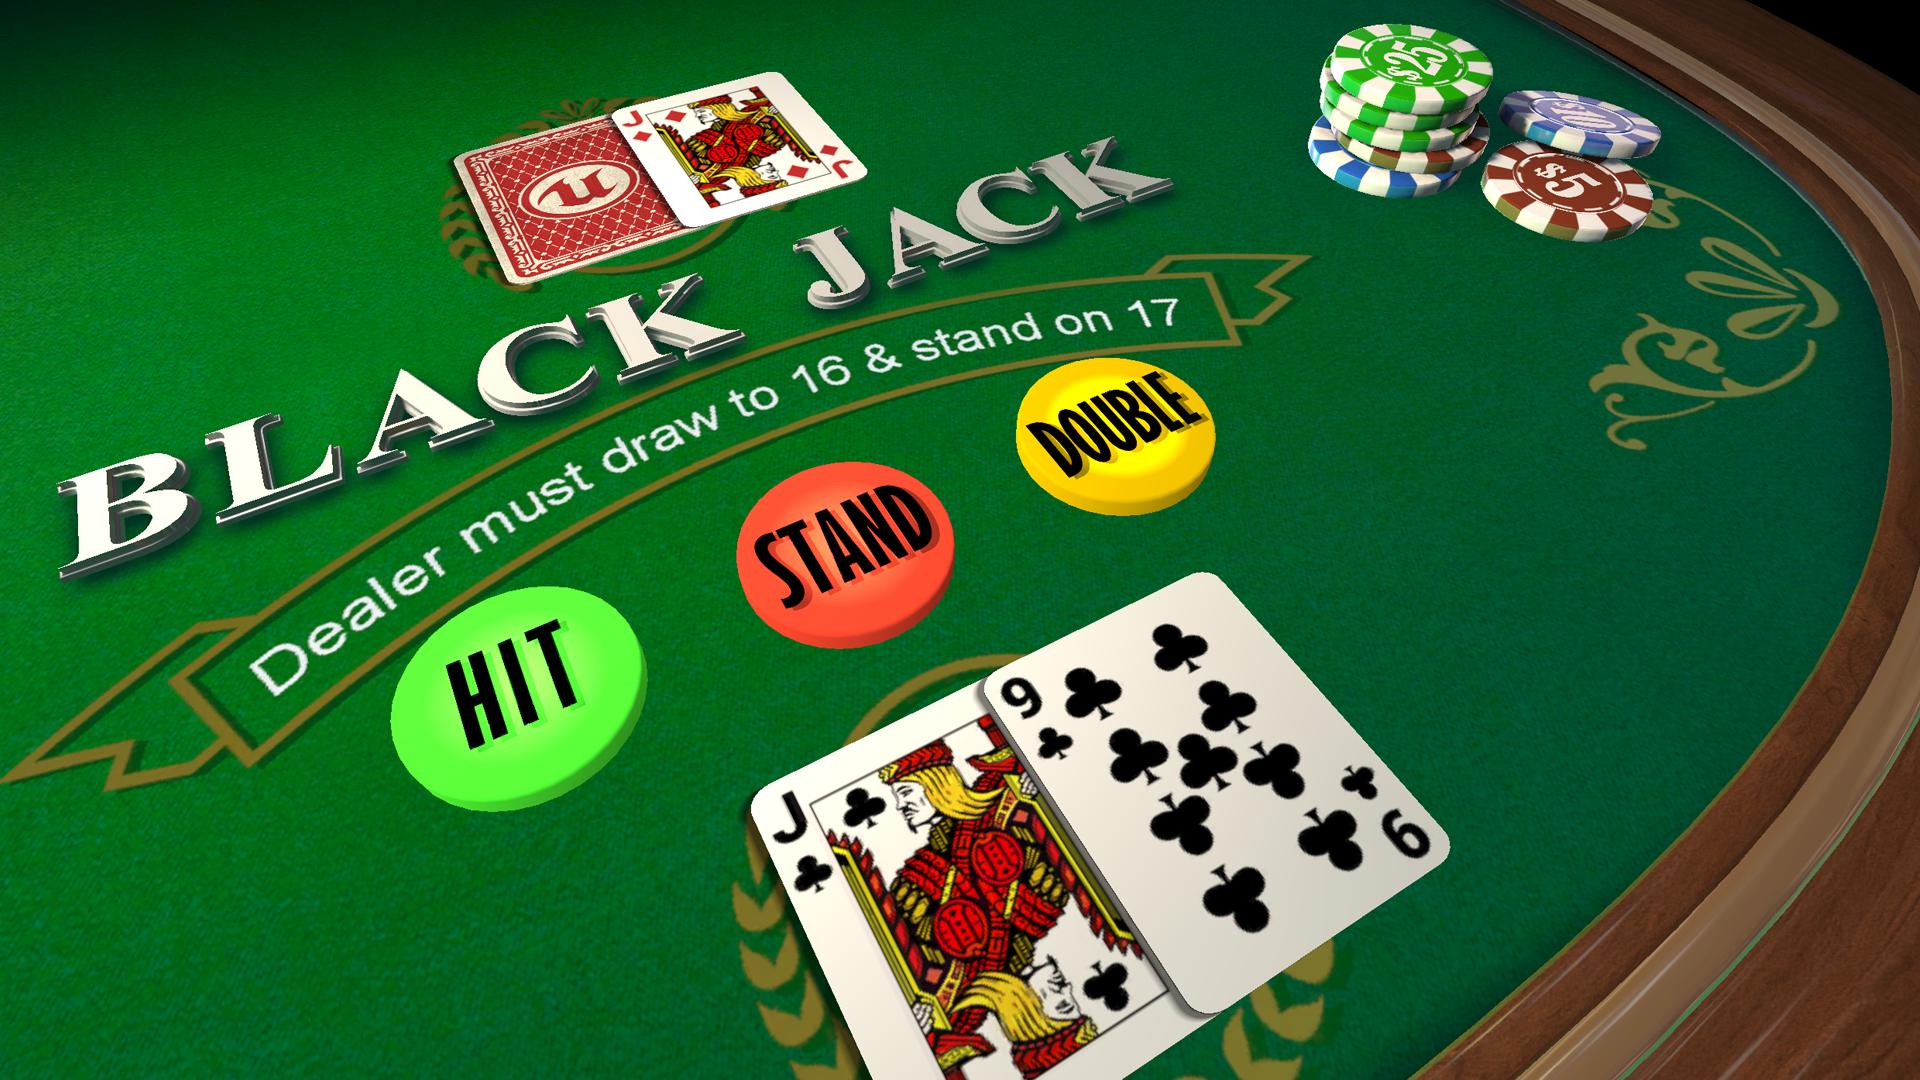 Blackjack Strategies - II